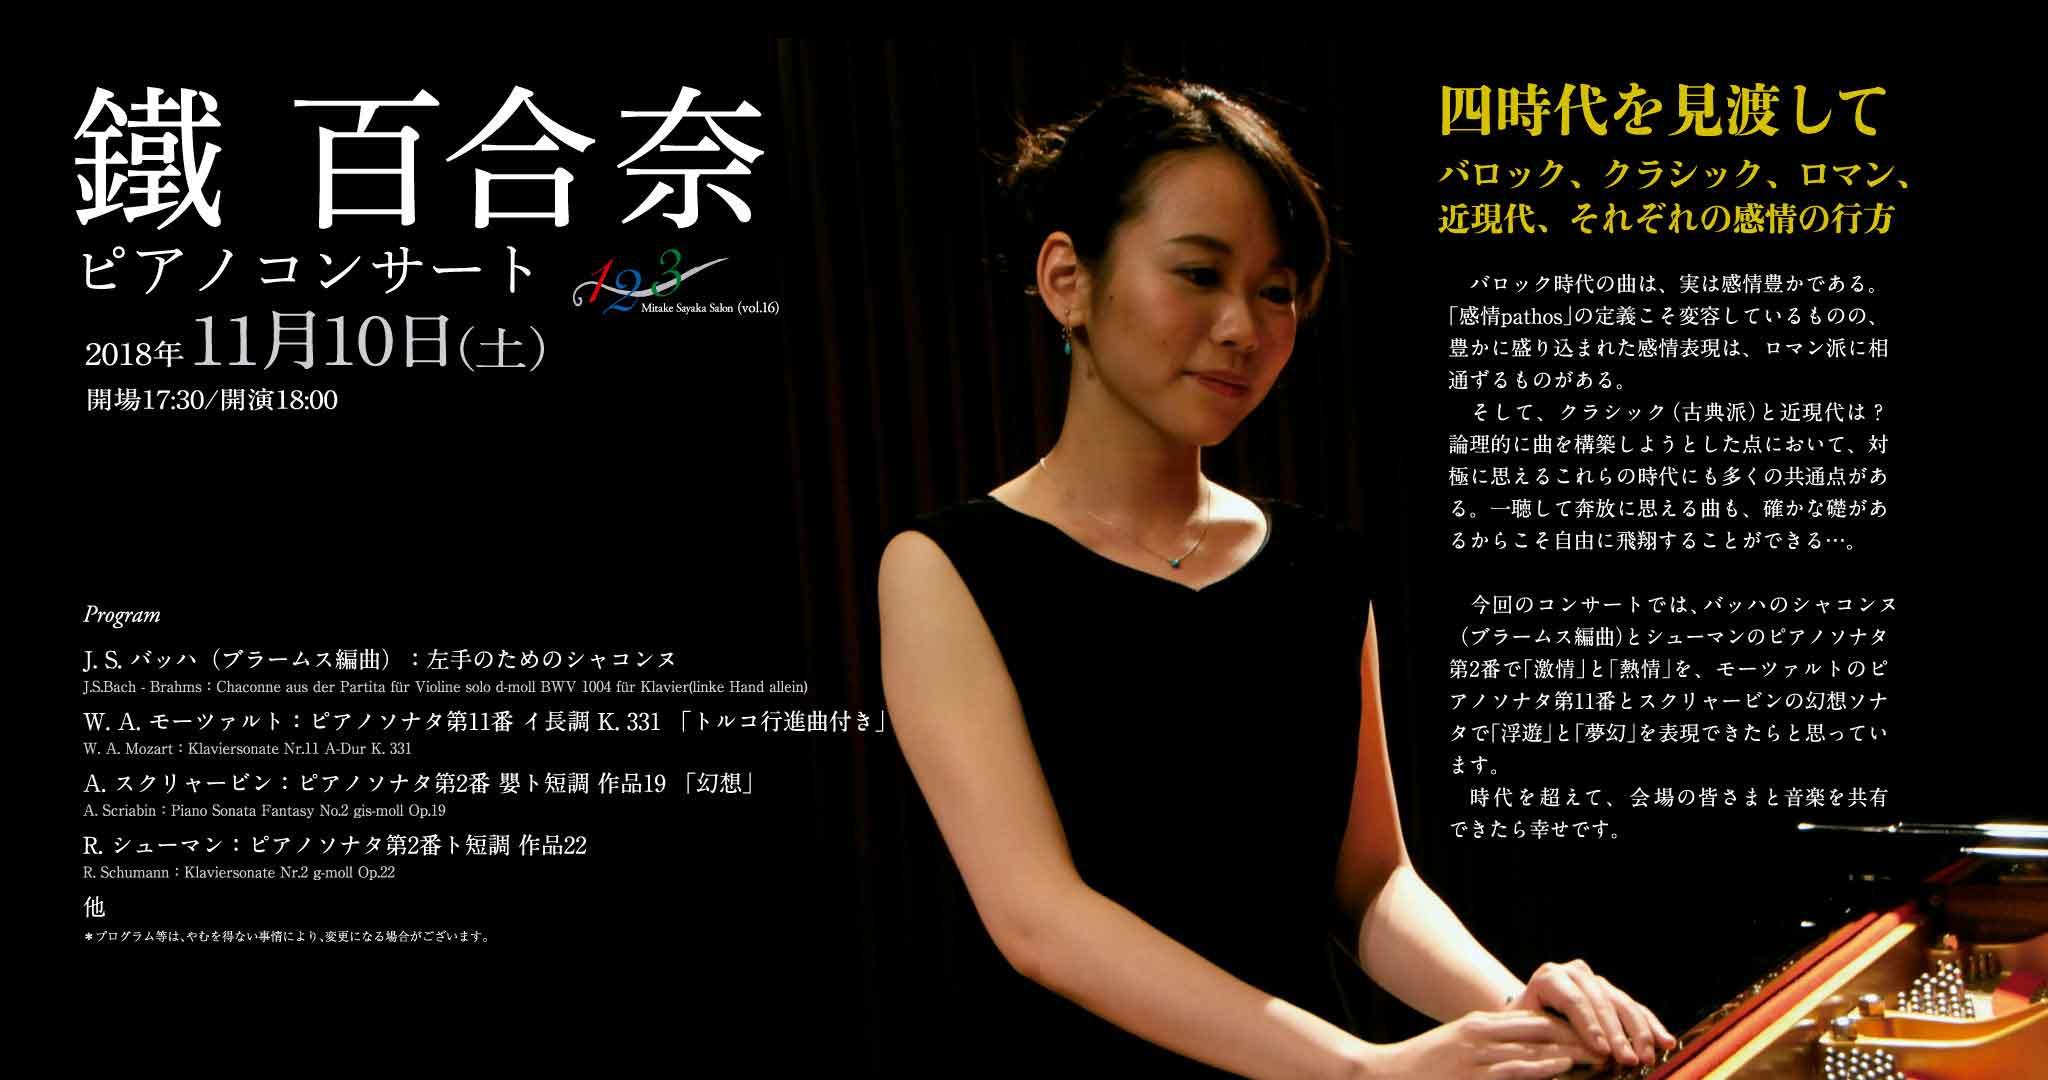 11月10日18:00~ 鐵百合奈ピアノコンサート